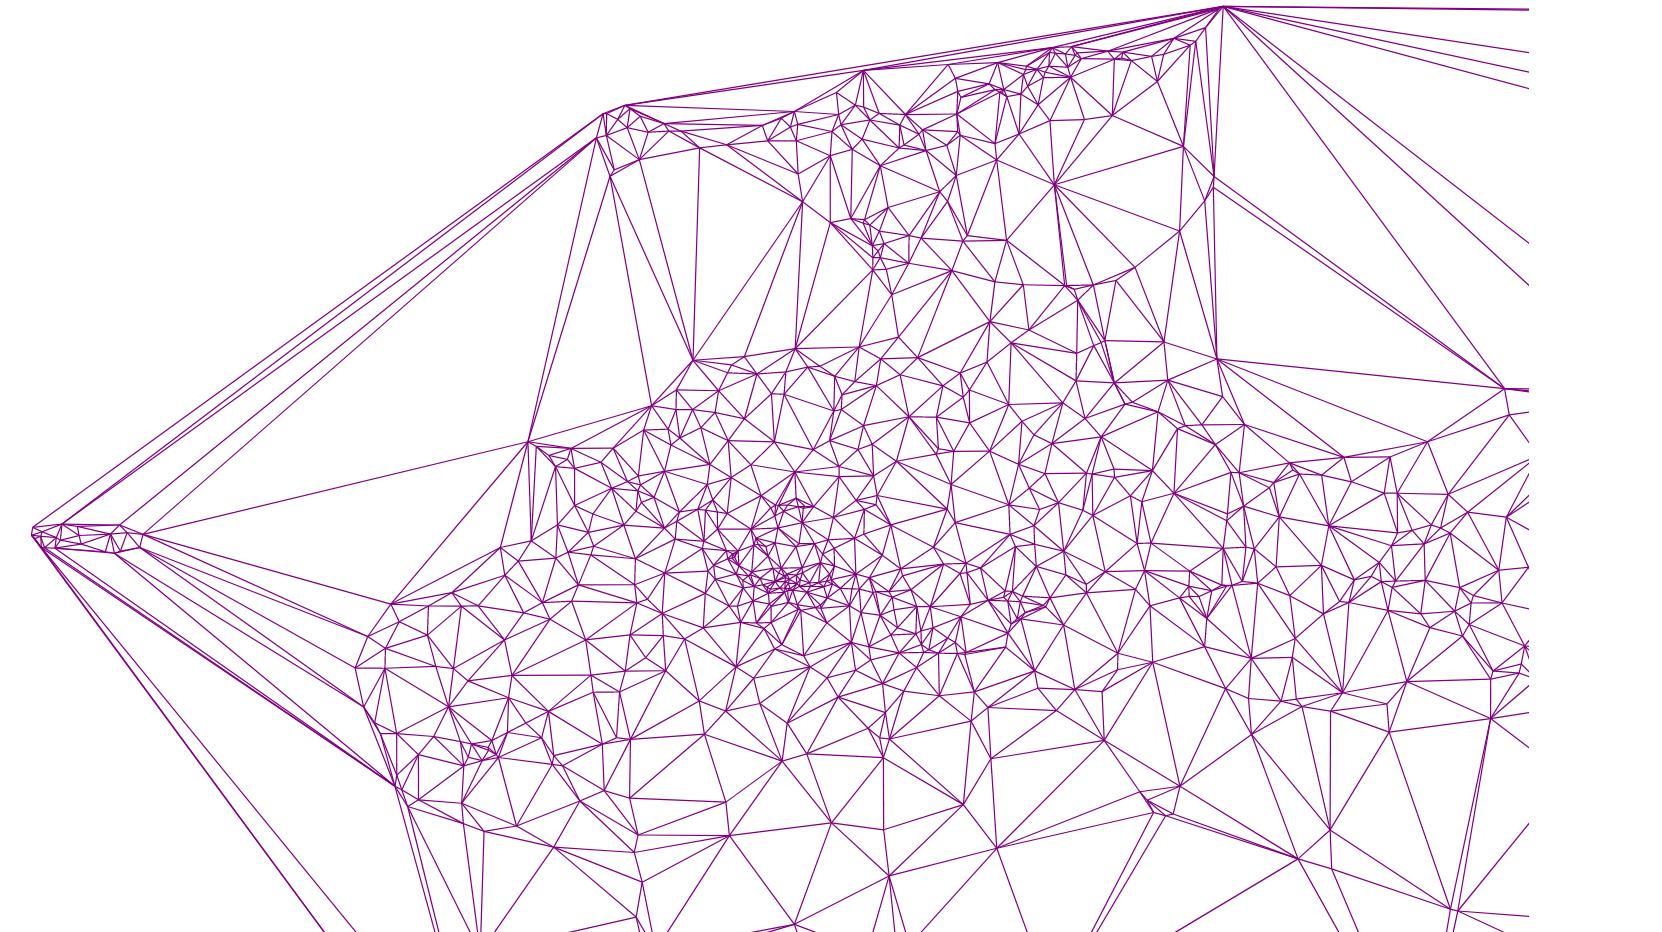 Алгоритм триангуляции Делоне методом заметающей прямой - 35